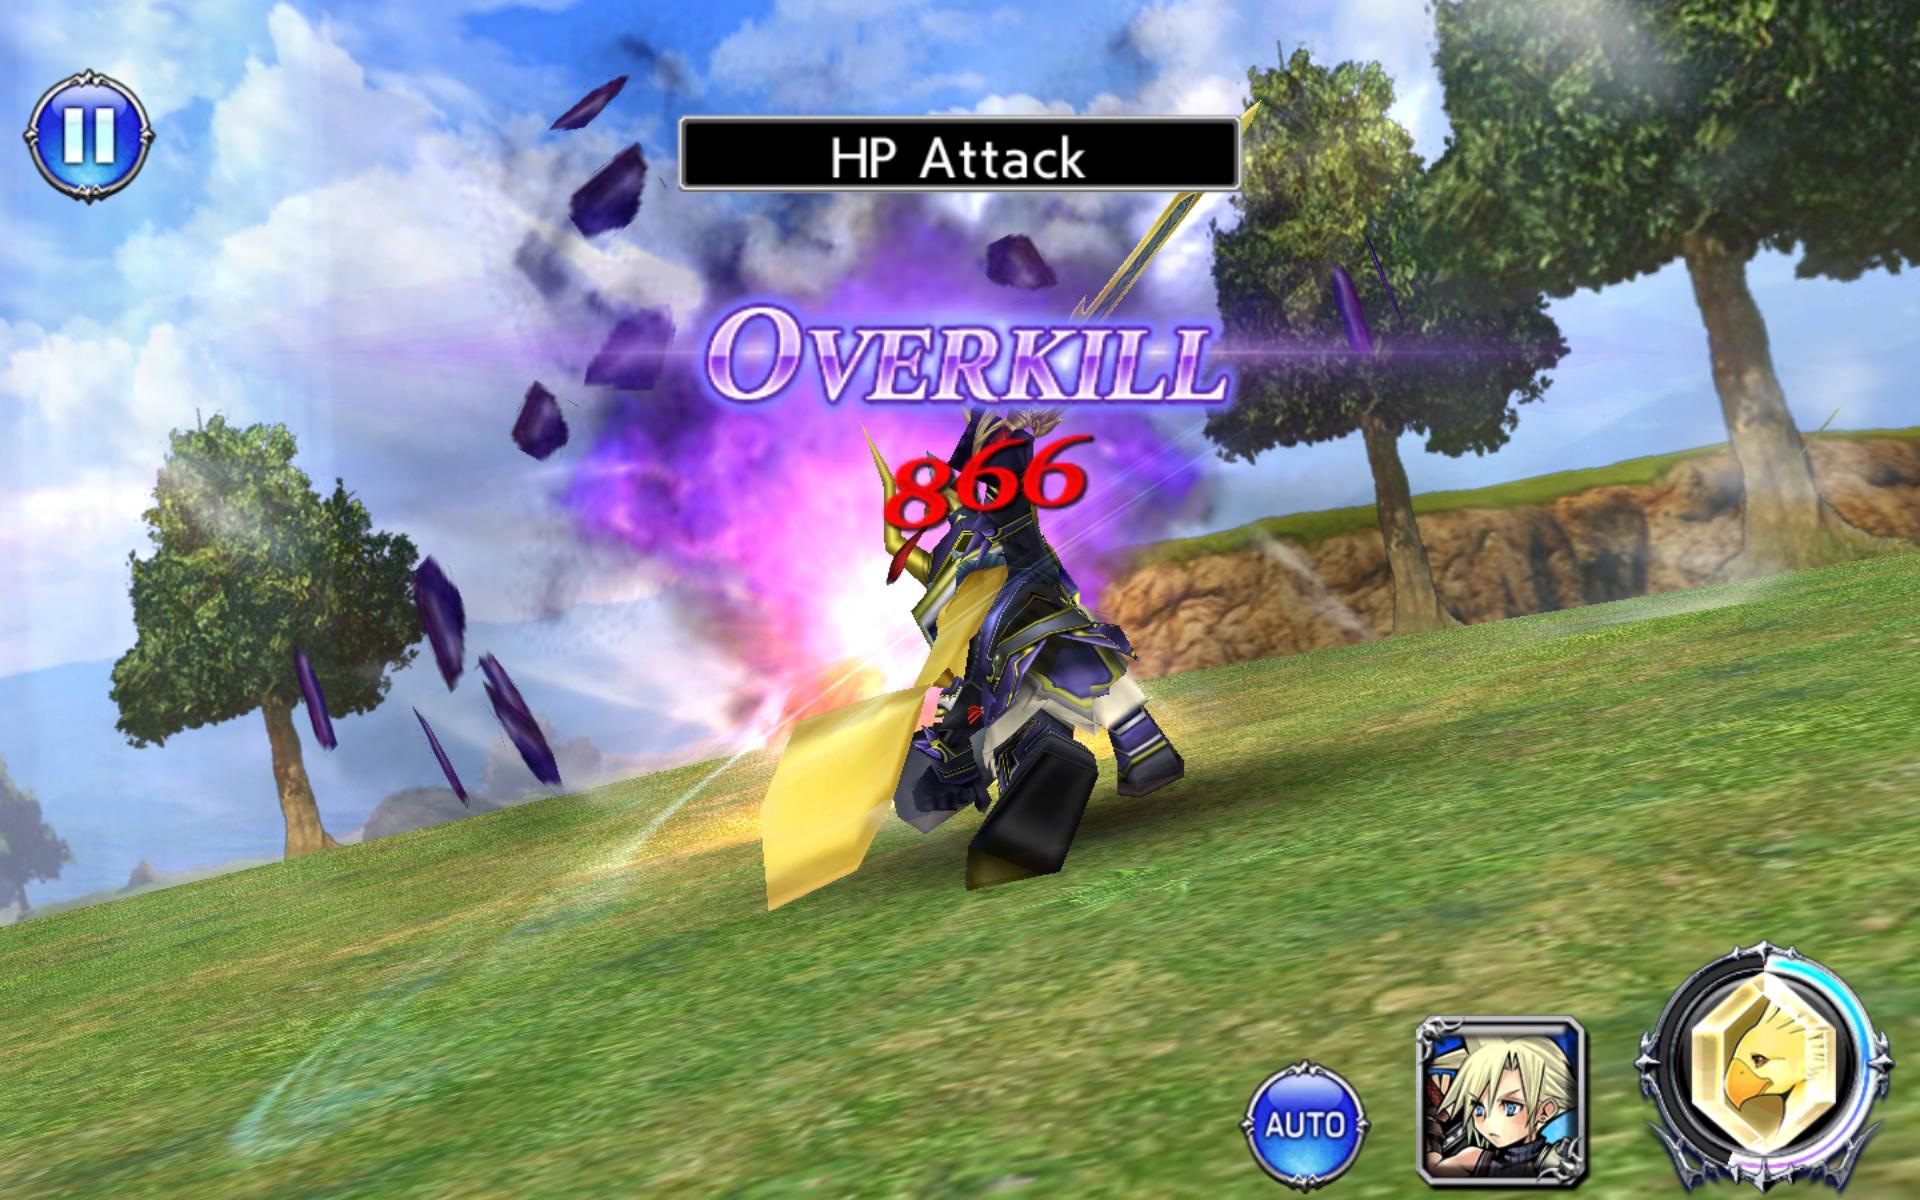 HP Attack